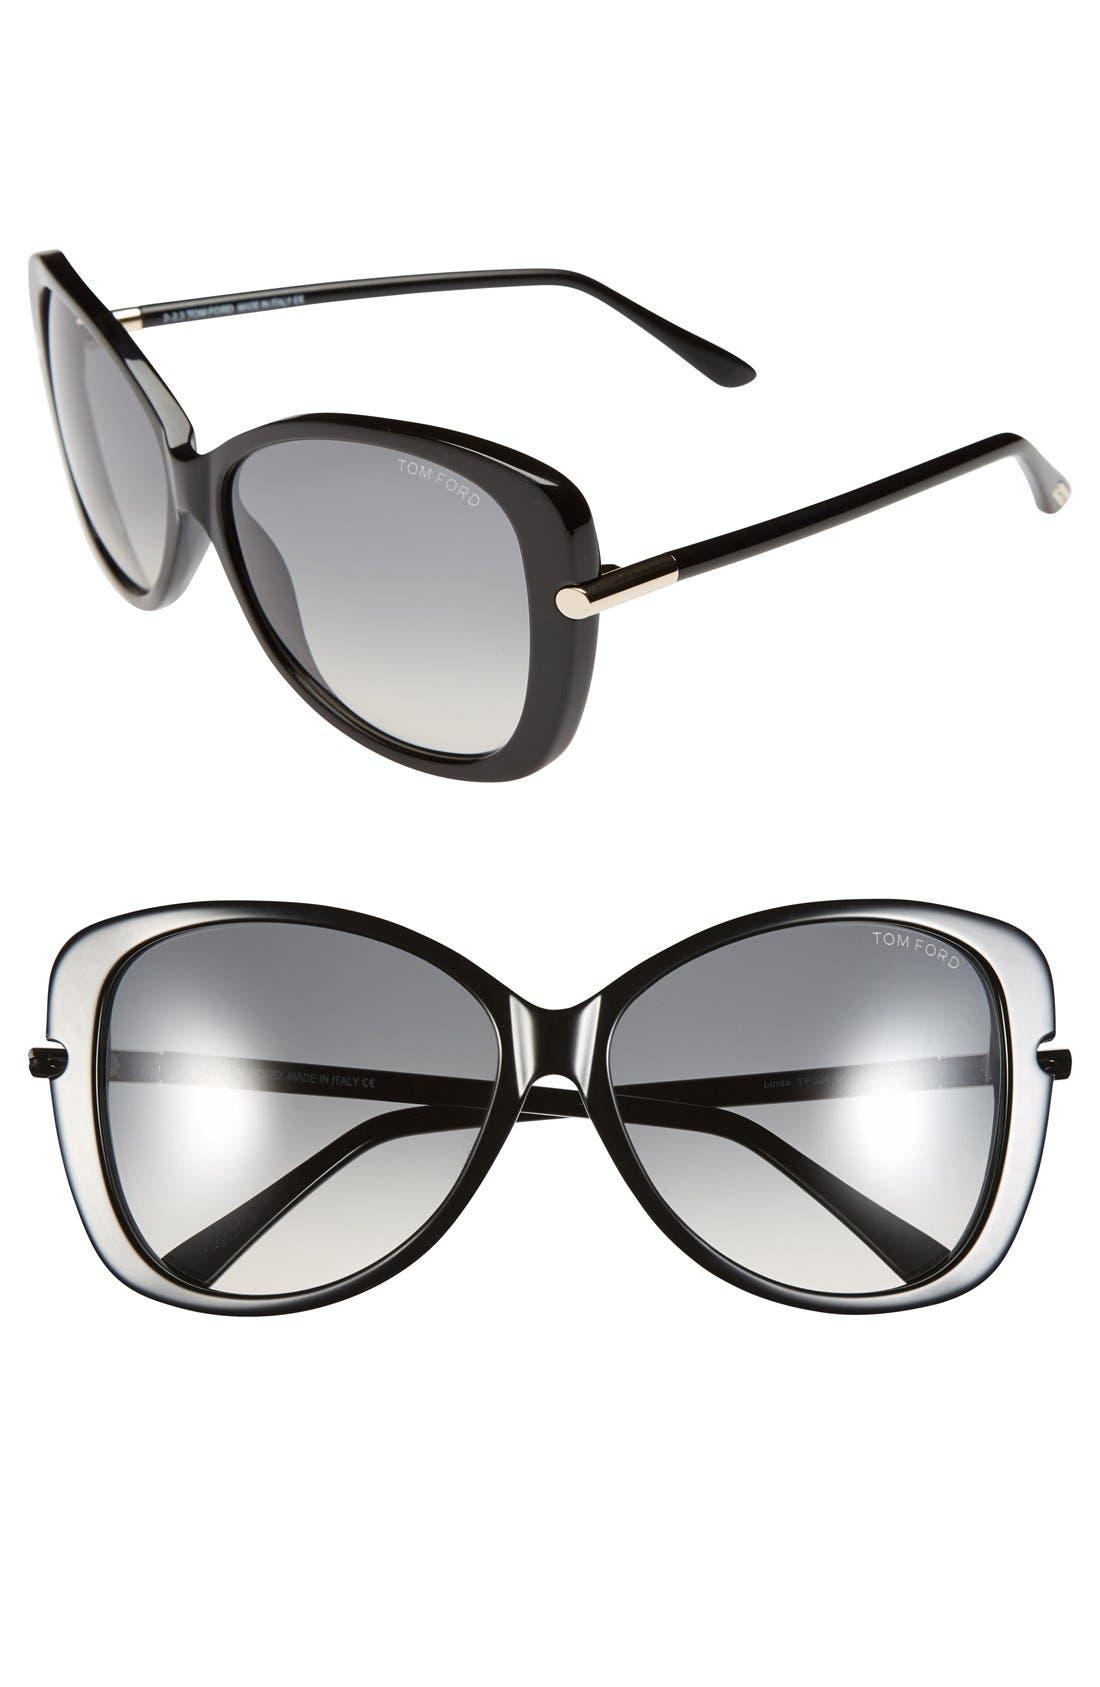 TOM FORD Linda 59mm Sunglasses